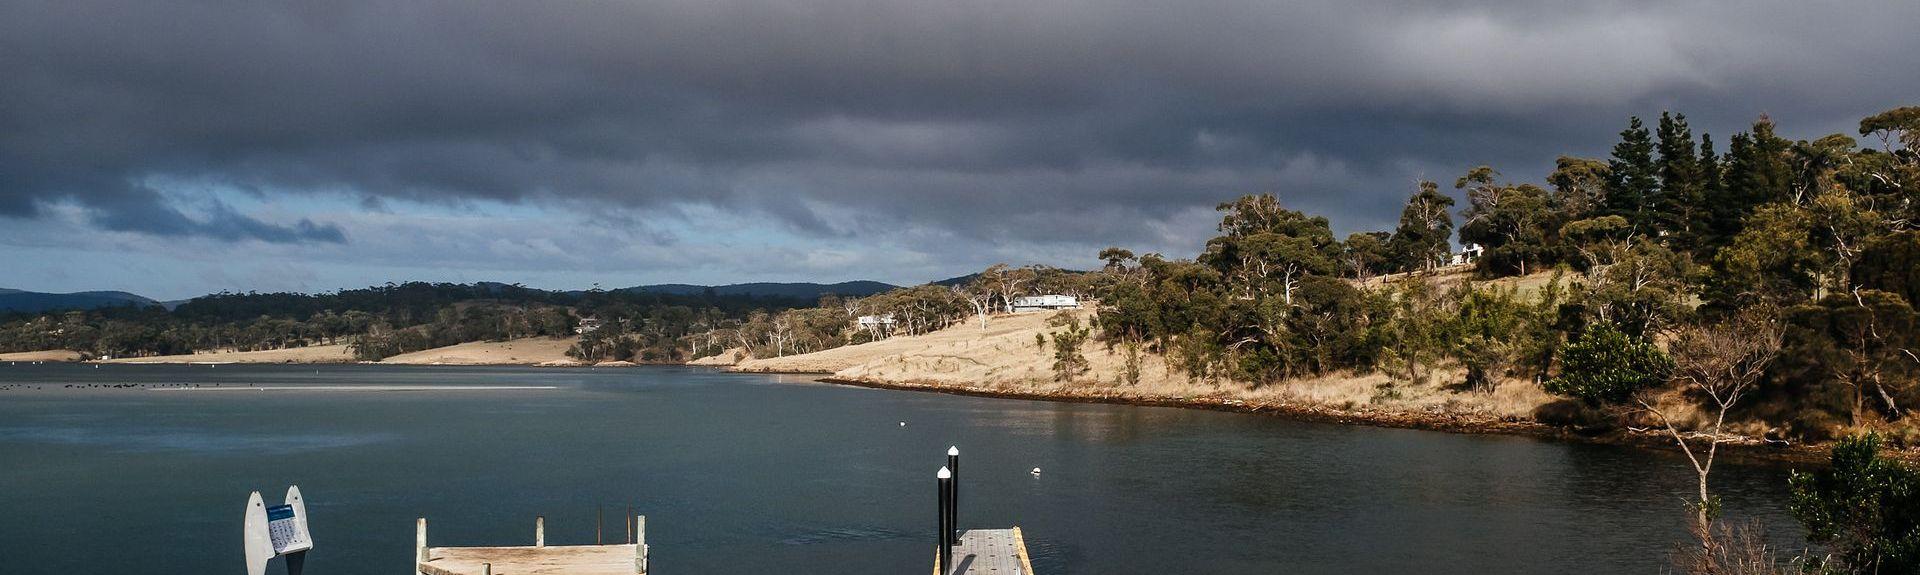 Buckland, Tasmanie, Australie